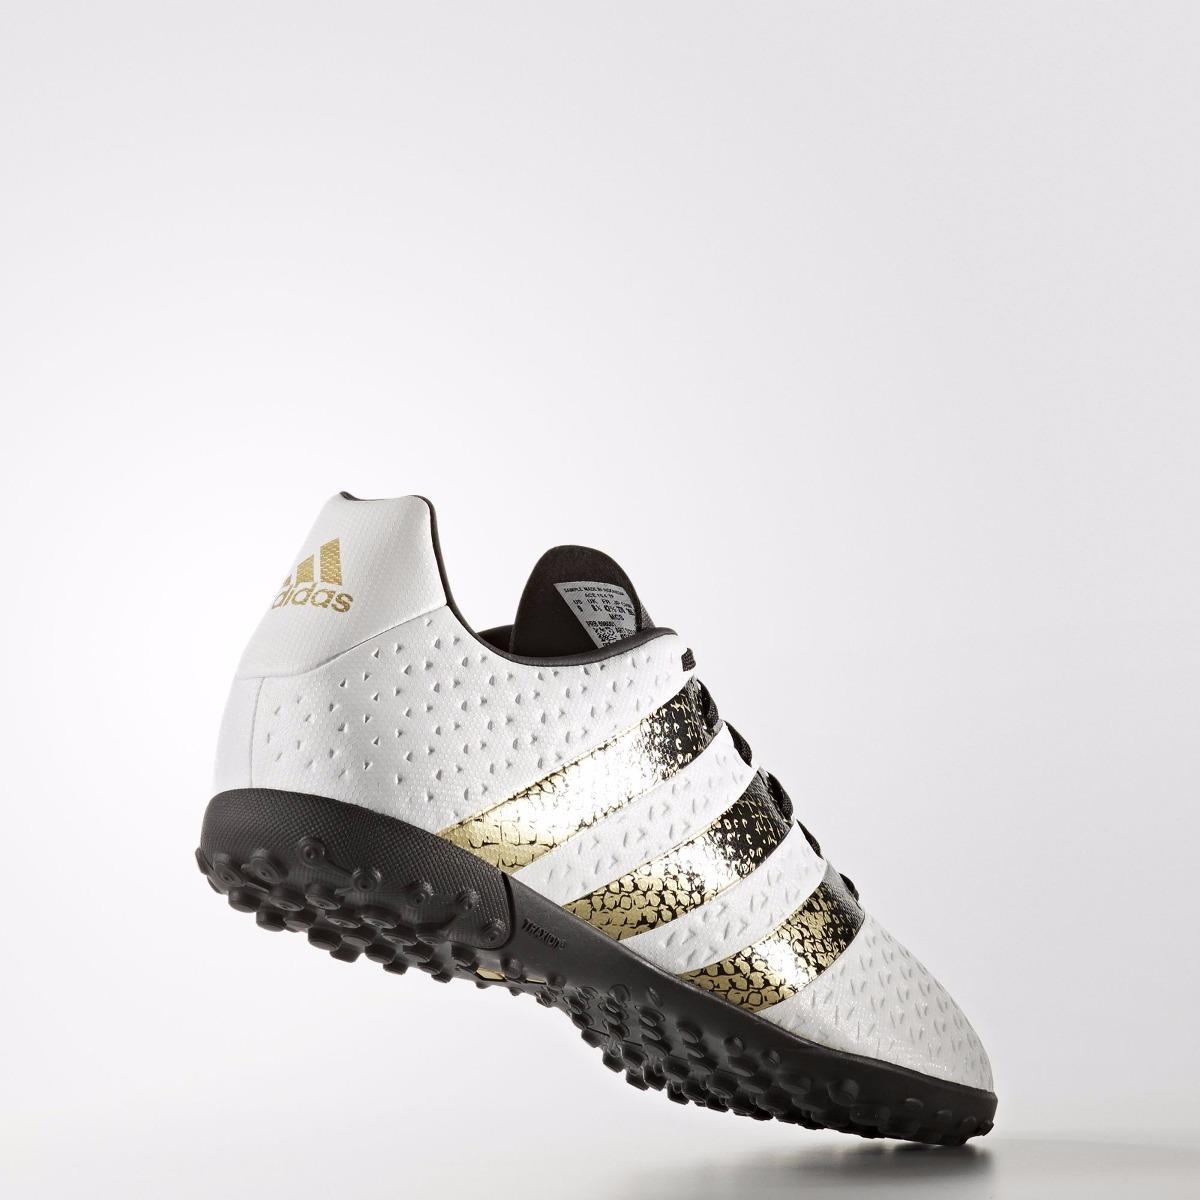 fee1d80cfcf2c zapatos futbol soccer pasto sintetico ace 16.4 adidas s31979. Cargando zoom.